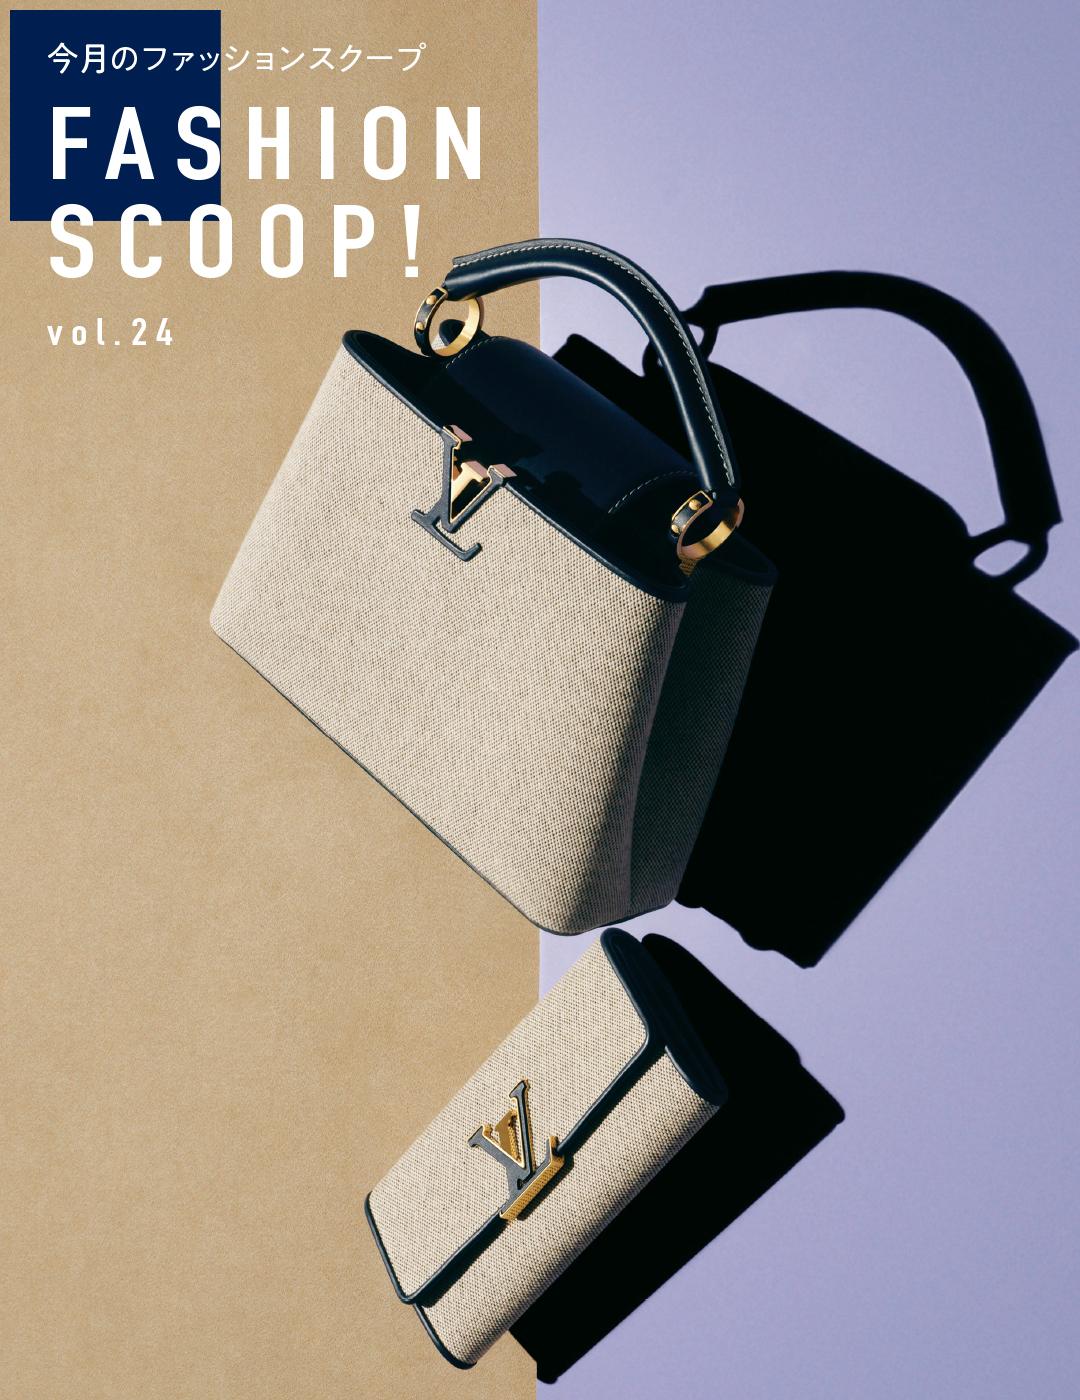 今月のファッションスクープ FASHION SCOOP! vol.24